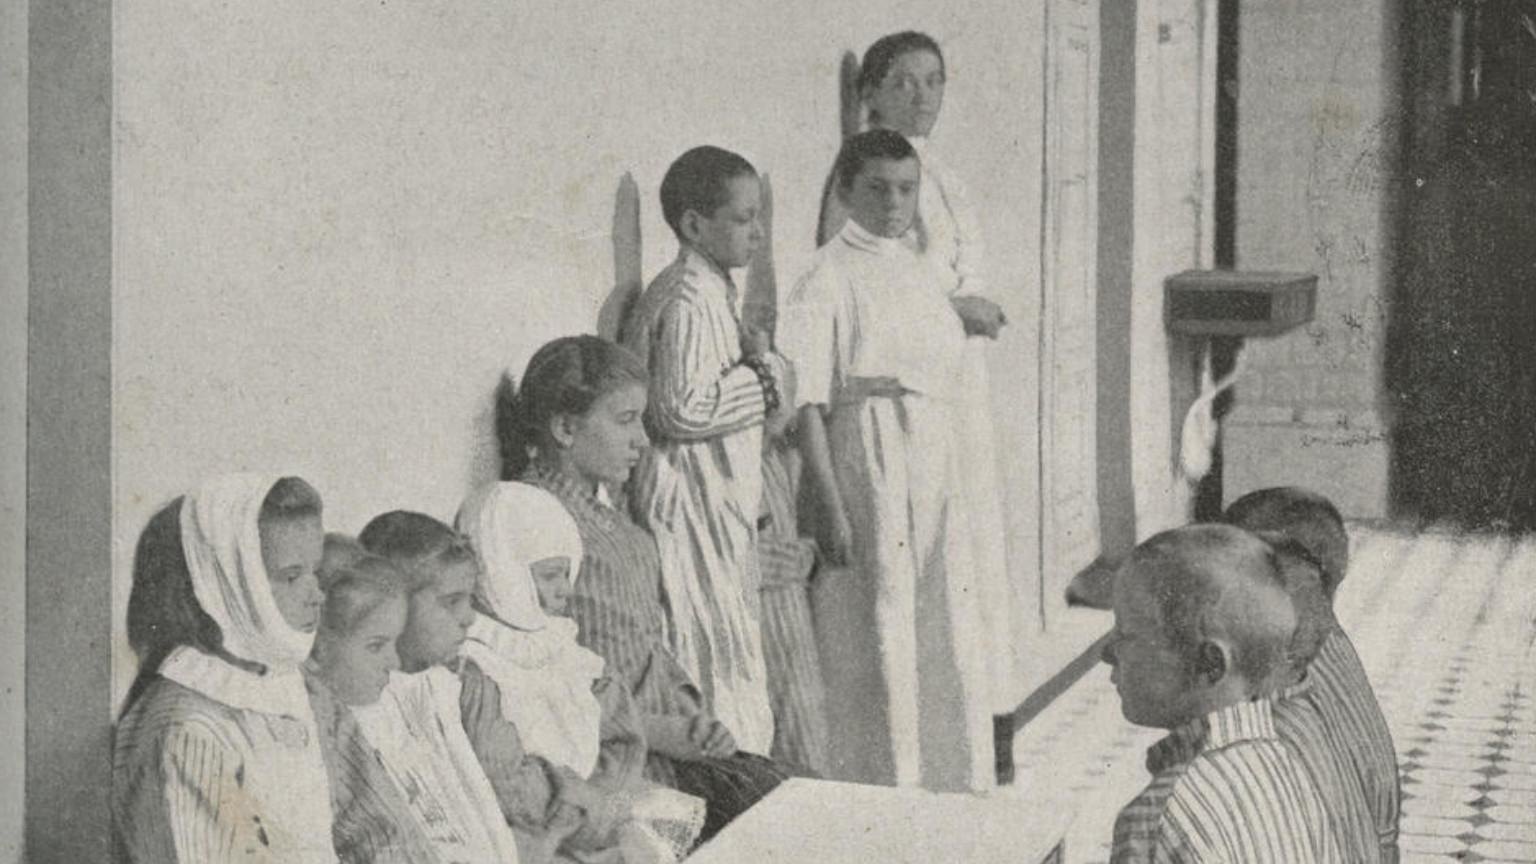 Zdjęcie dla kartki: Otwarcie najstarszego szpitala dziecięcego w Warszawie